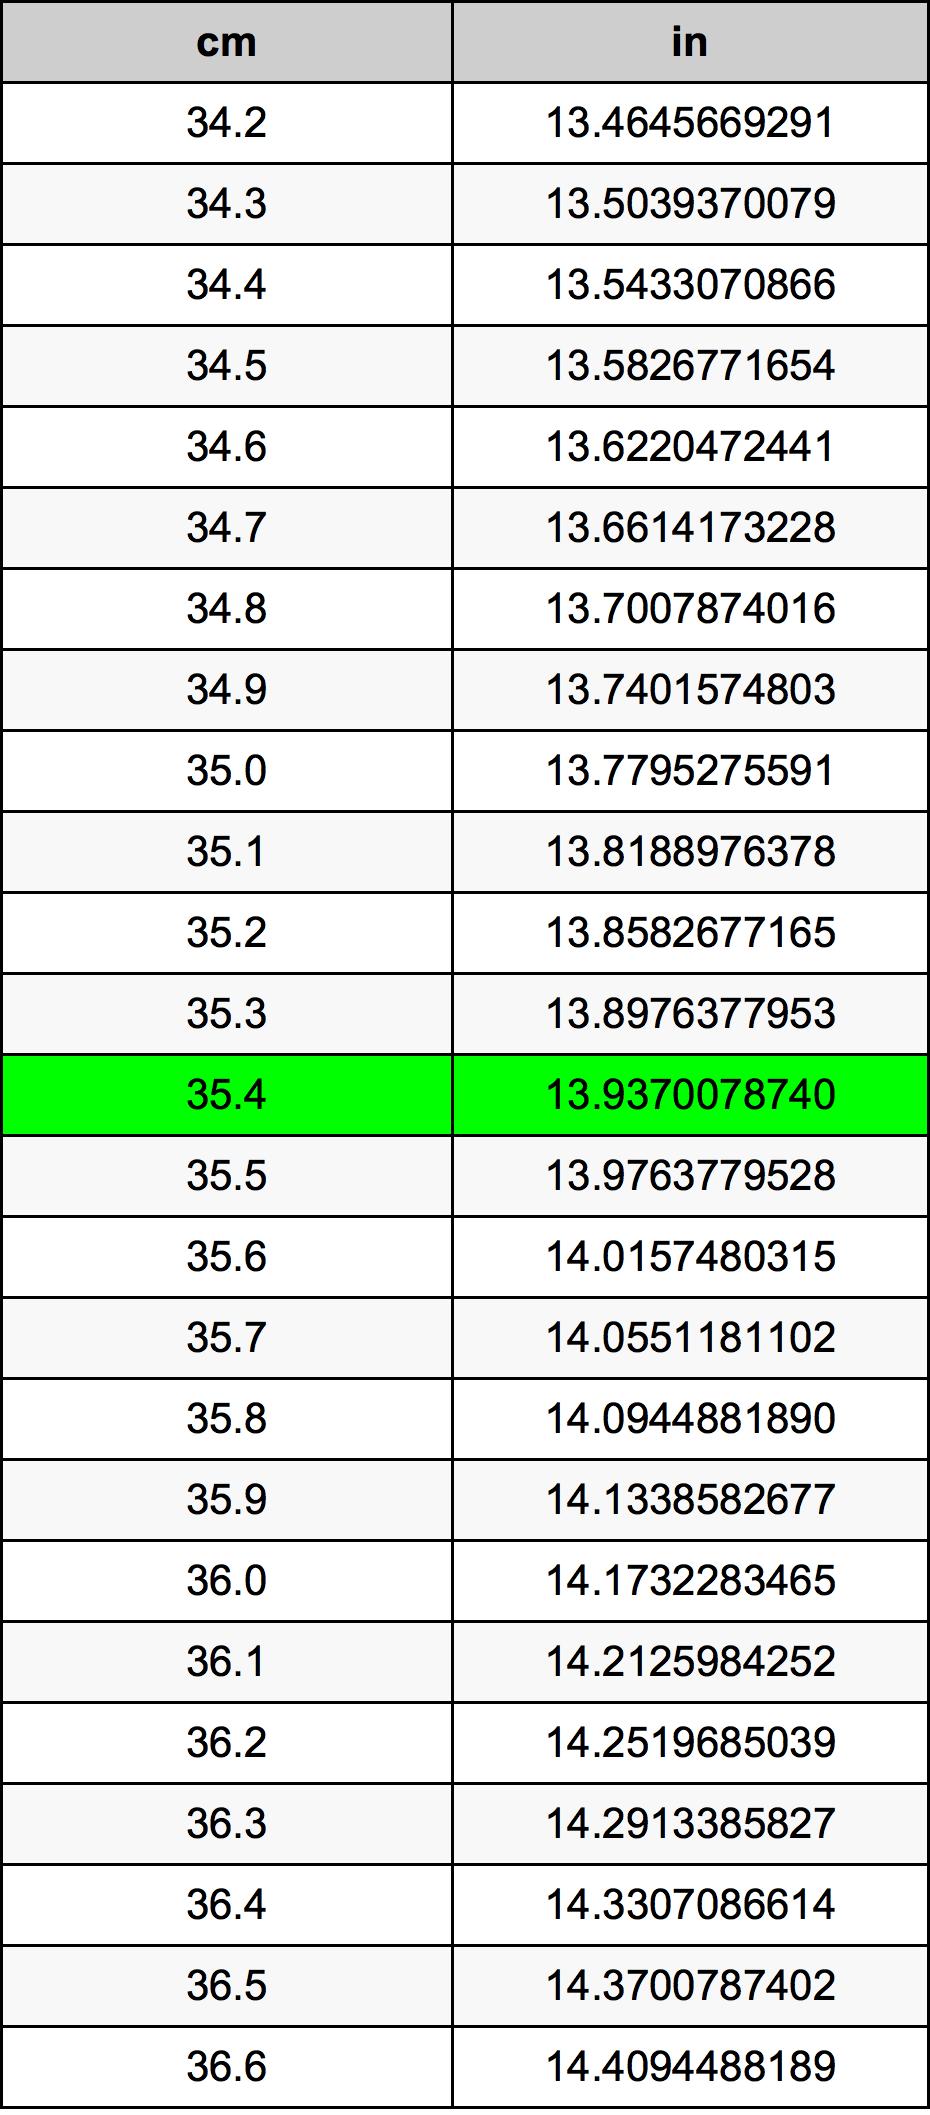 35.4 سنتيمتر جدول تحويل